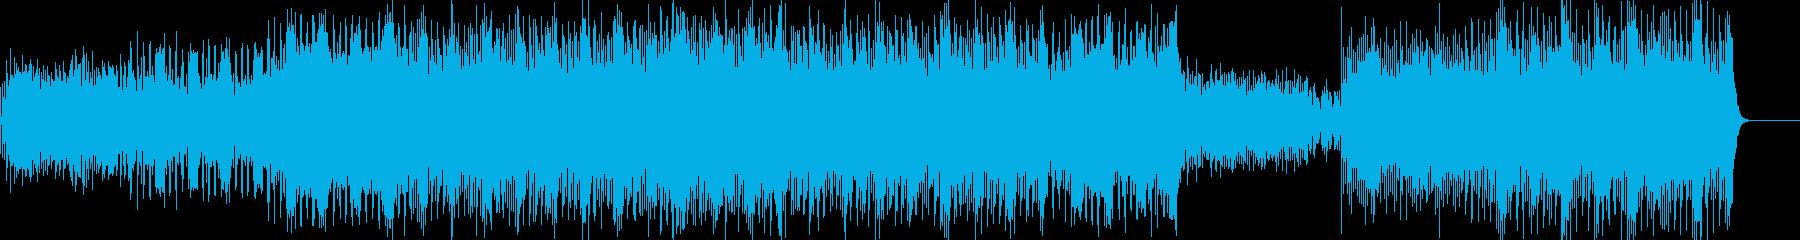 和風:敗走をイメージしたテクノの再生済みの波形